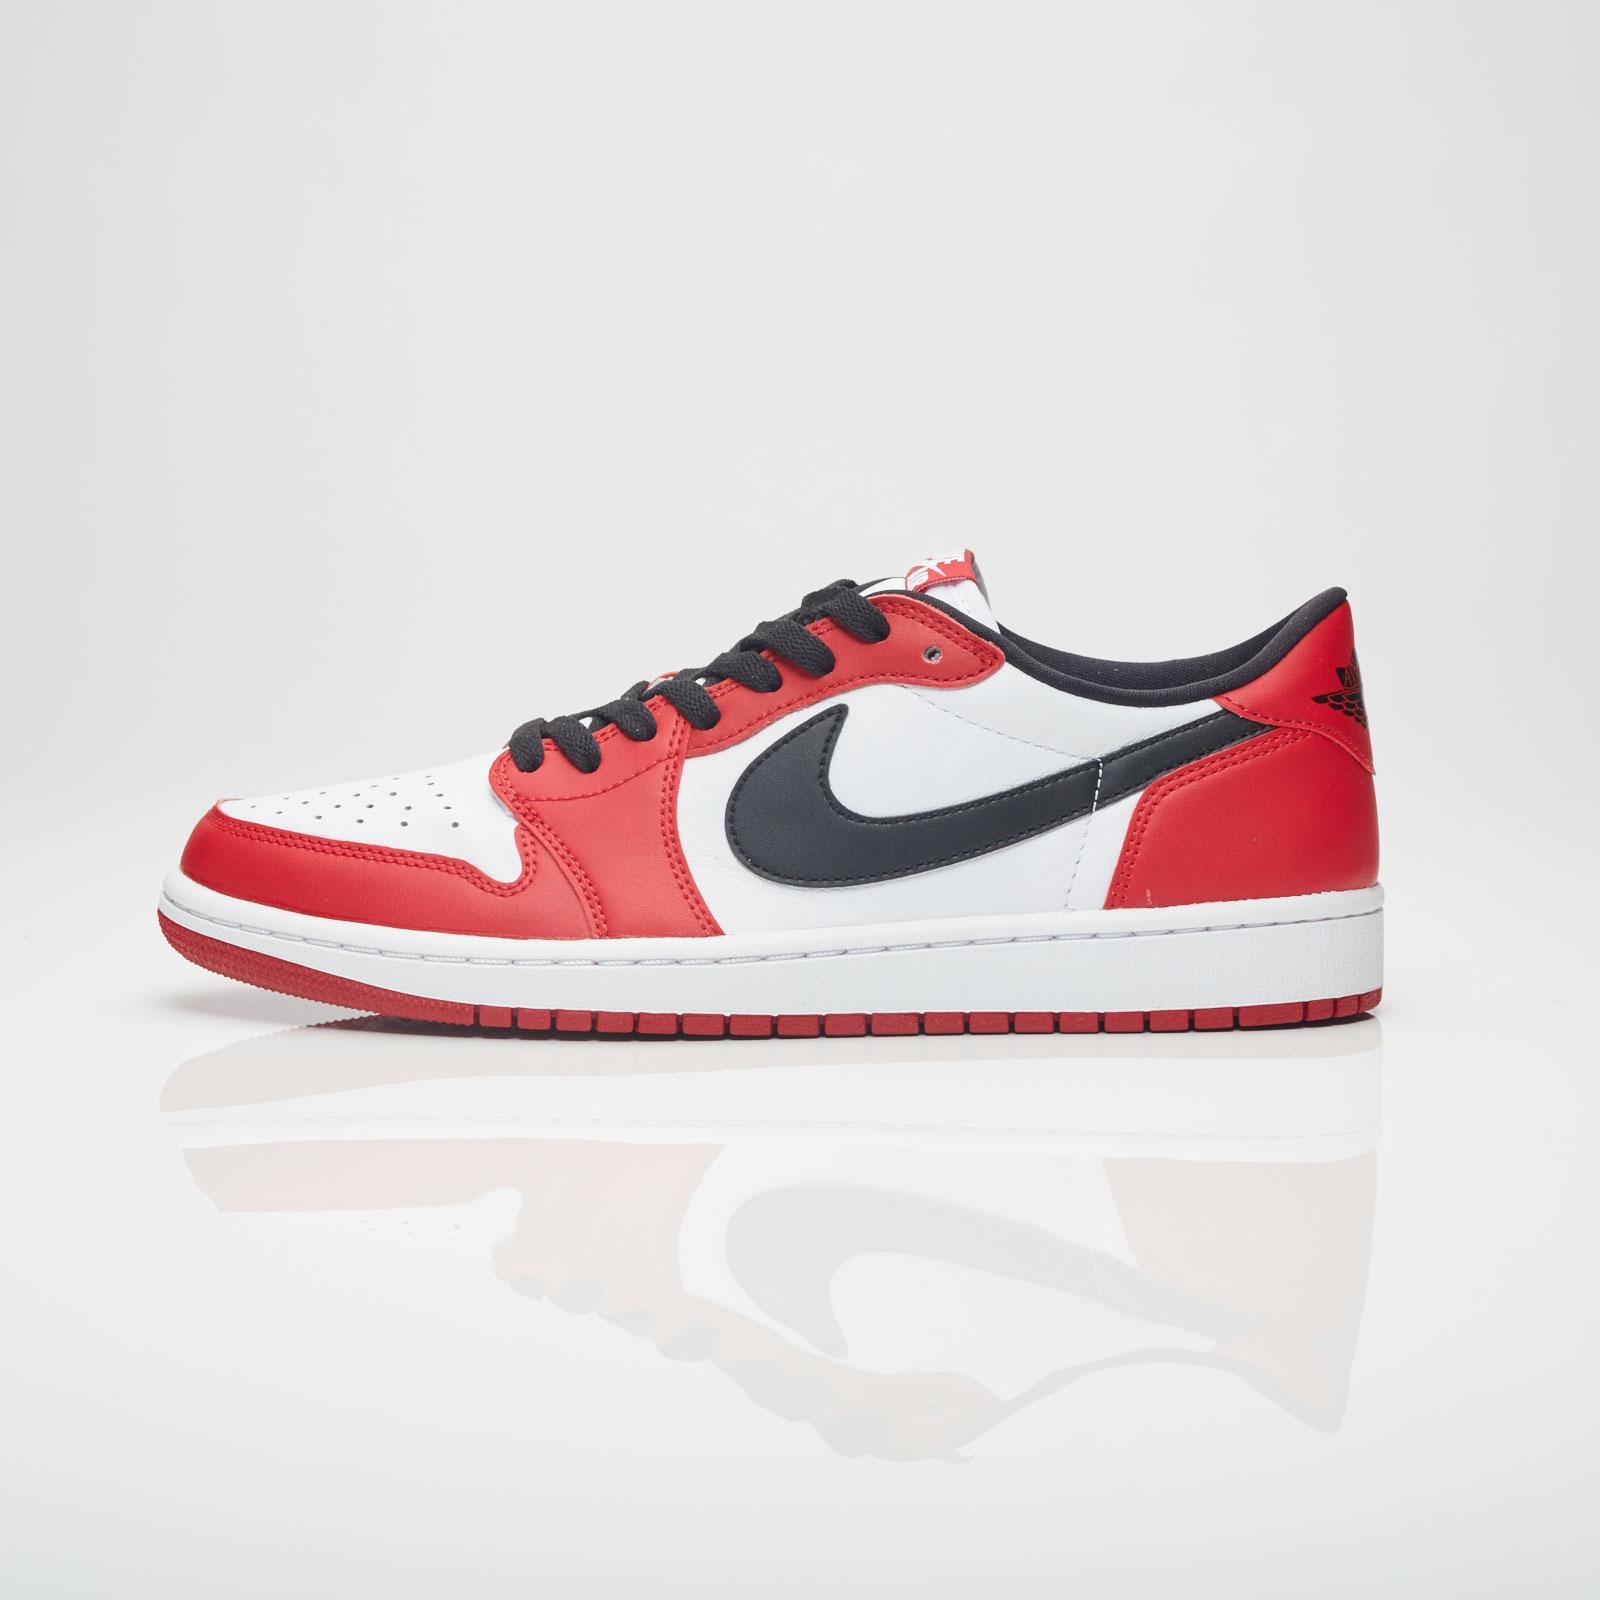 buy online 36724 3d273 Jordan Brand Air Jordan 1 Retro Low OG - 705329-600 - Sneakersnstuff    sneakers   streetwear online since 1999